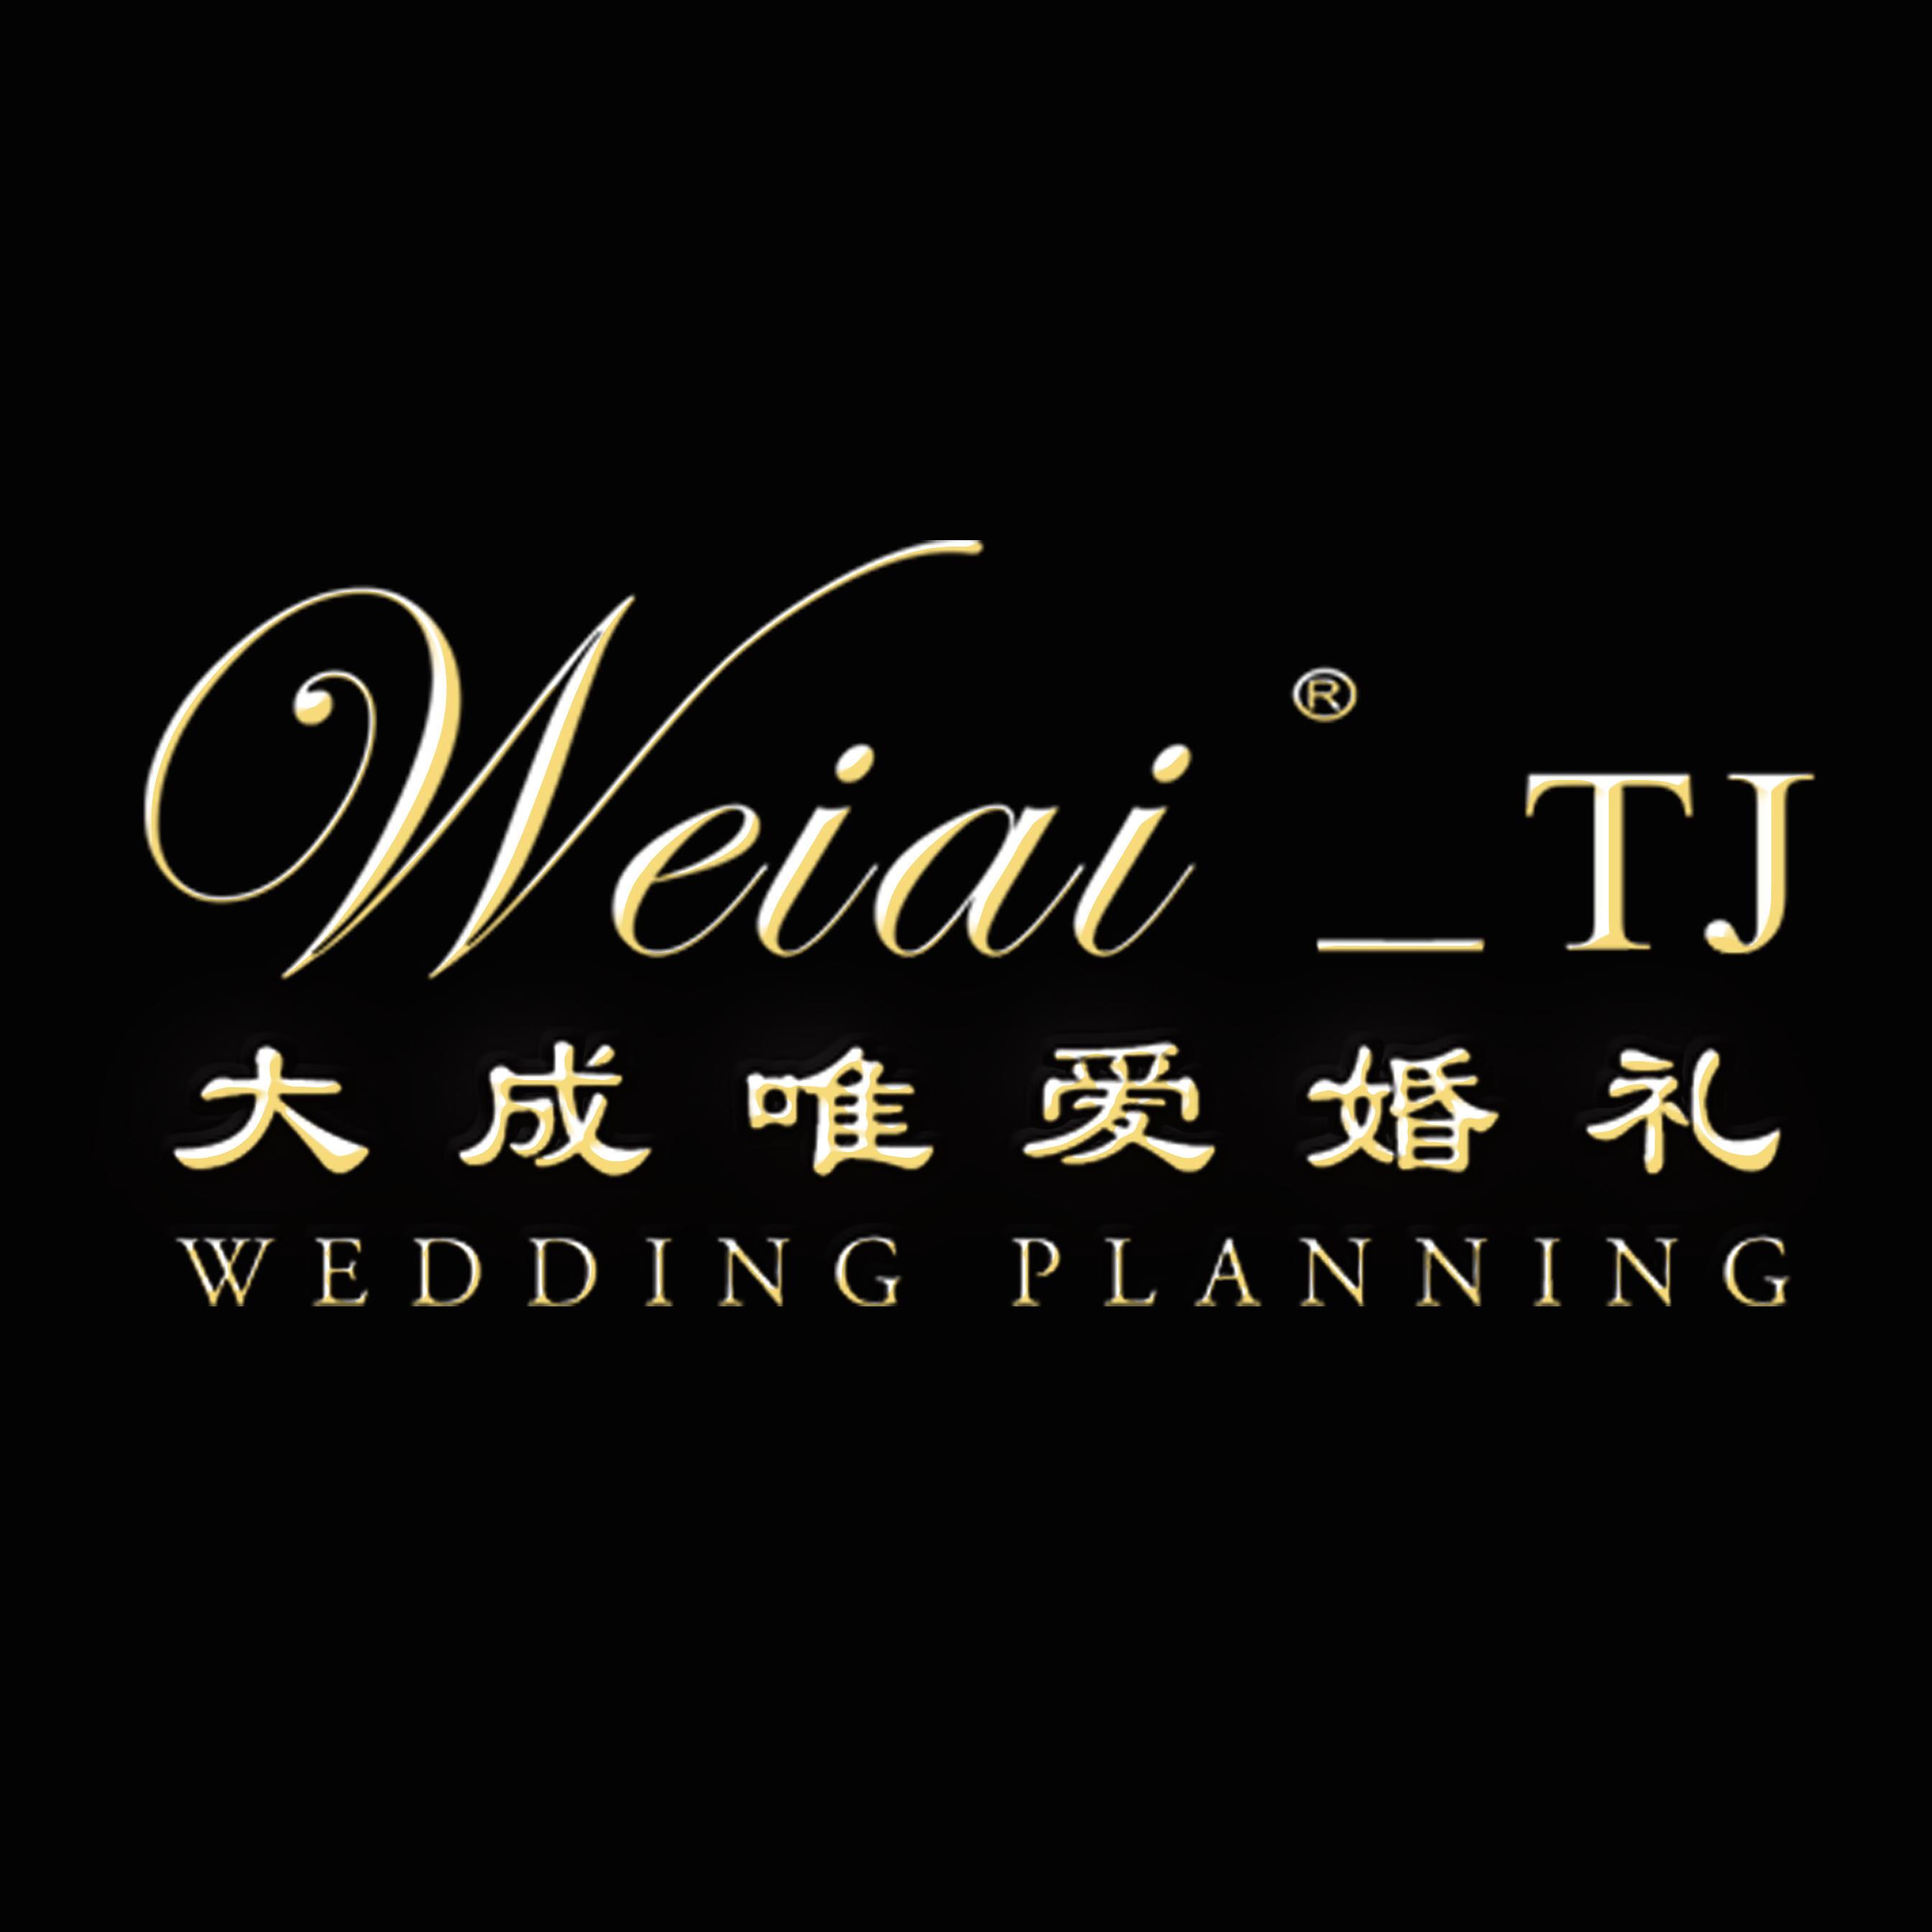 天津大成唯爱婚礼